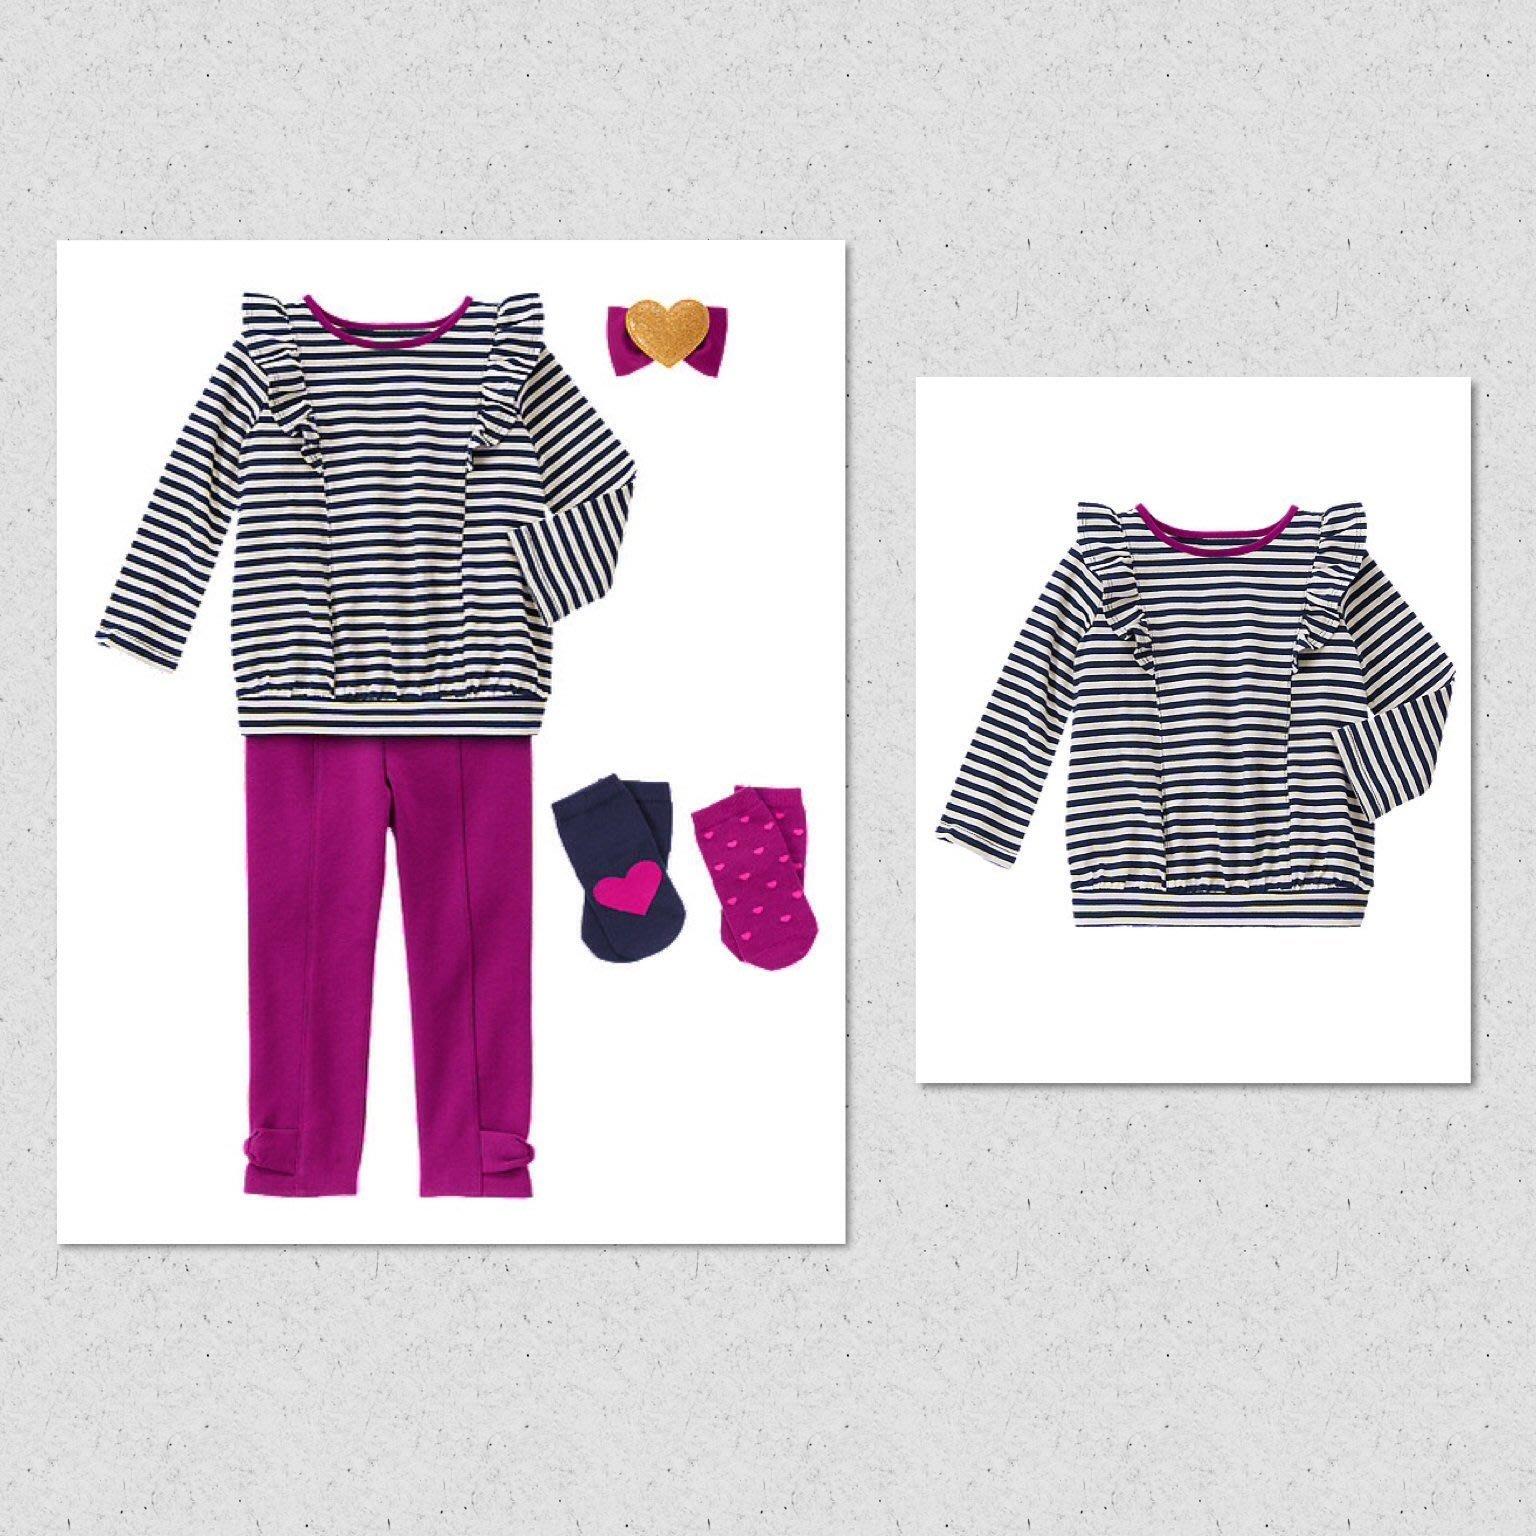 美國GYMBOREE正品新品Striped Ruffled Top條紋荷葉邊長袖上衣18~24m 2T.3T.4T.5T